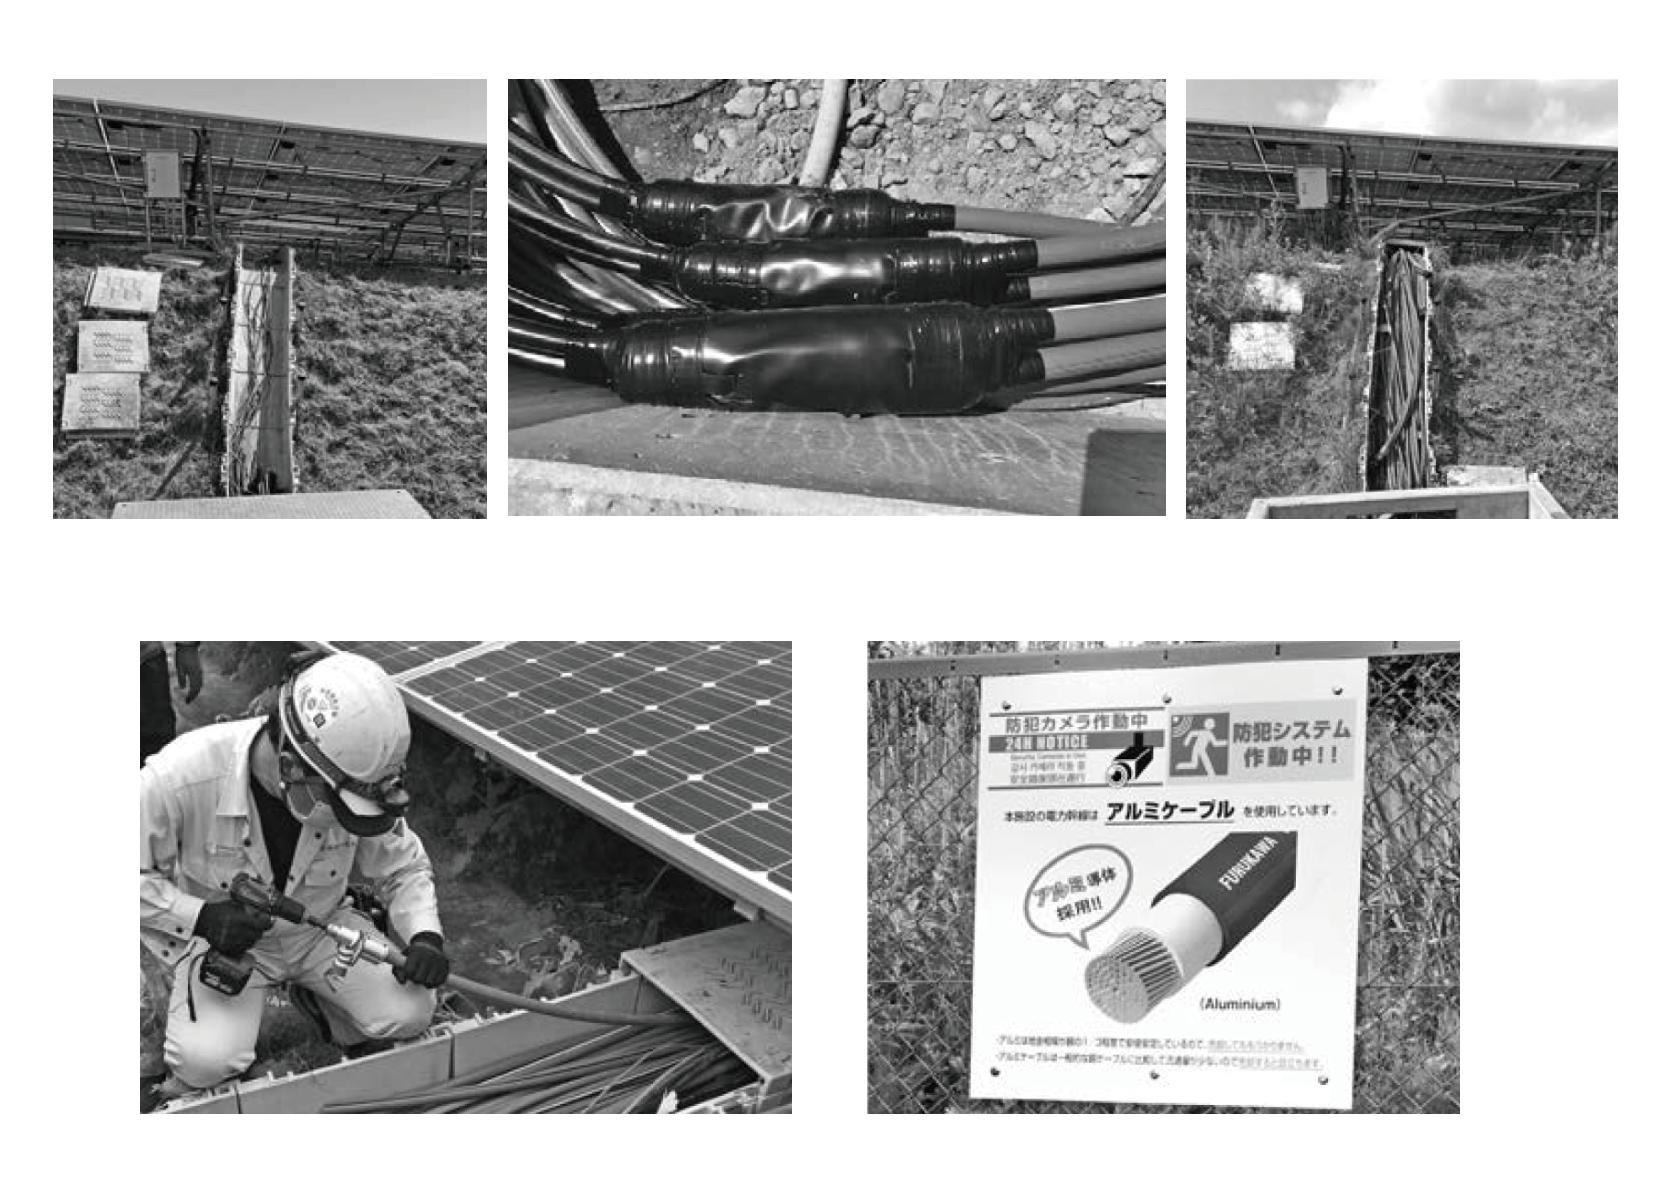 古河電気工業(株)、古河電工産業電線(株) アルミケーブルをメガソーラー発電所に採用の画像